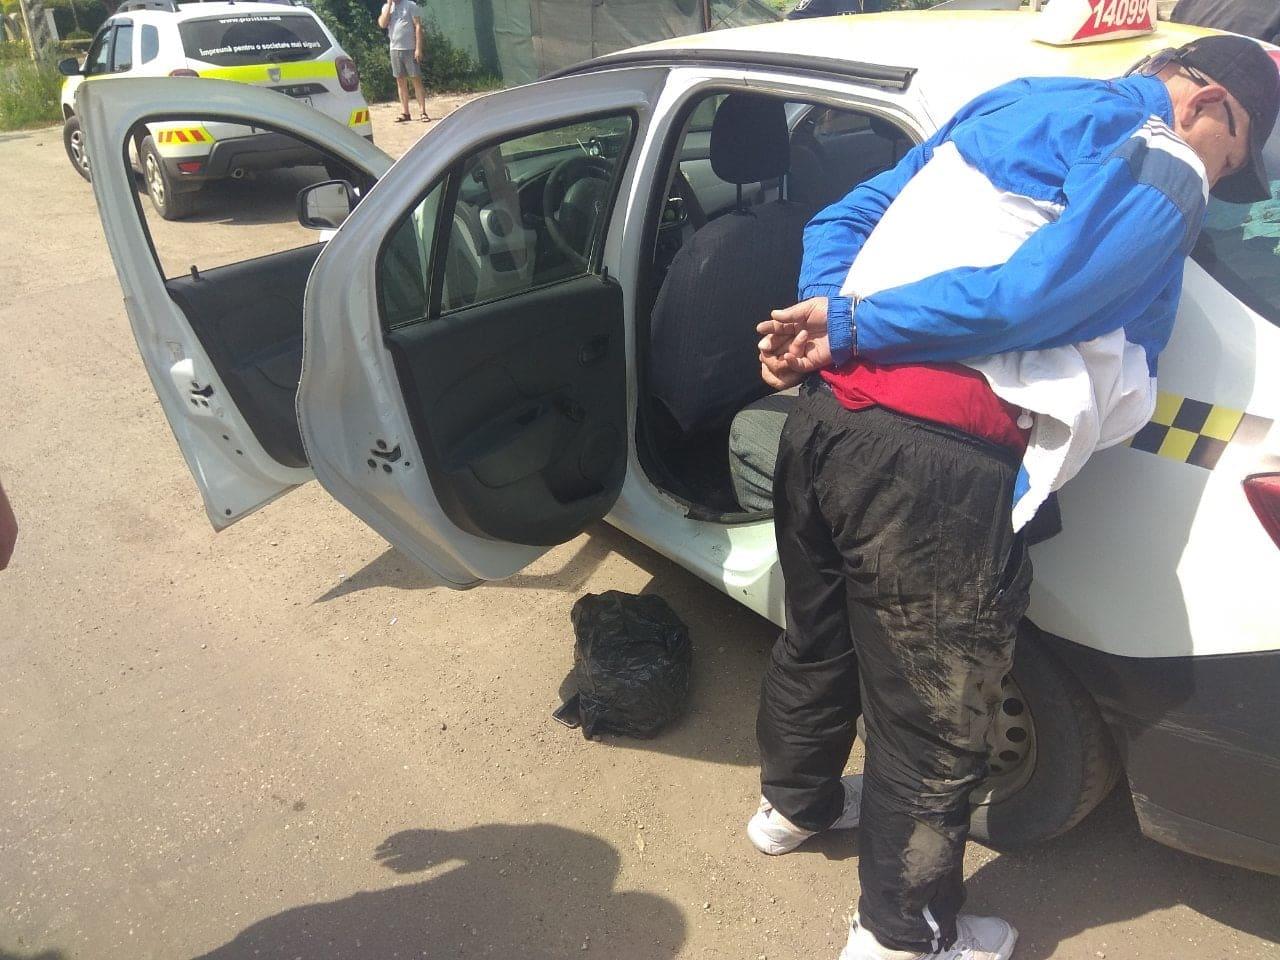 Patru persoane reținute pentru trafic de droguri